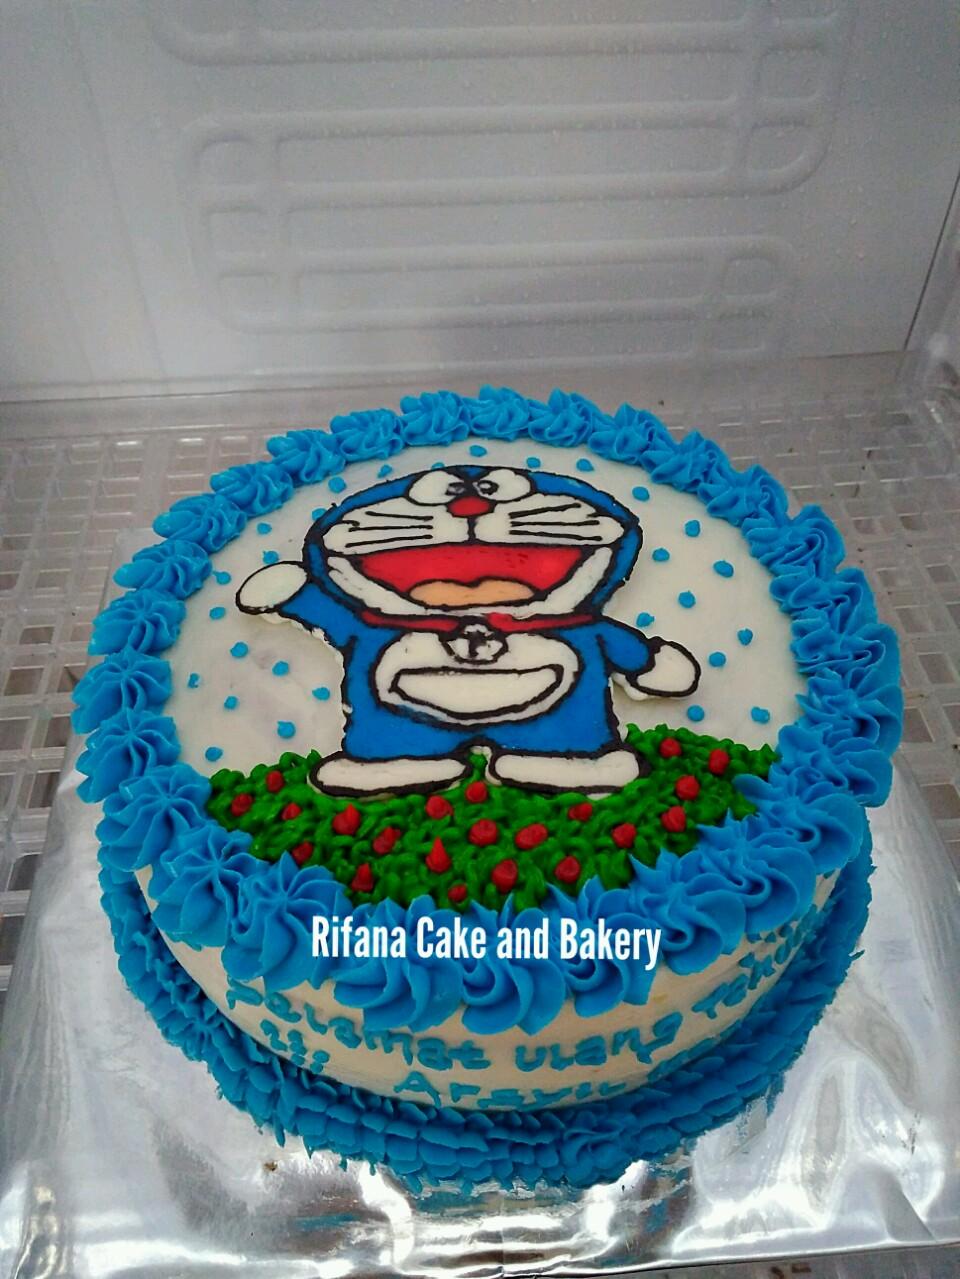 Jual Kue Ultah Di Purwokerto Rifana Bakery